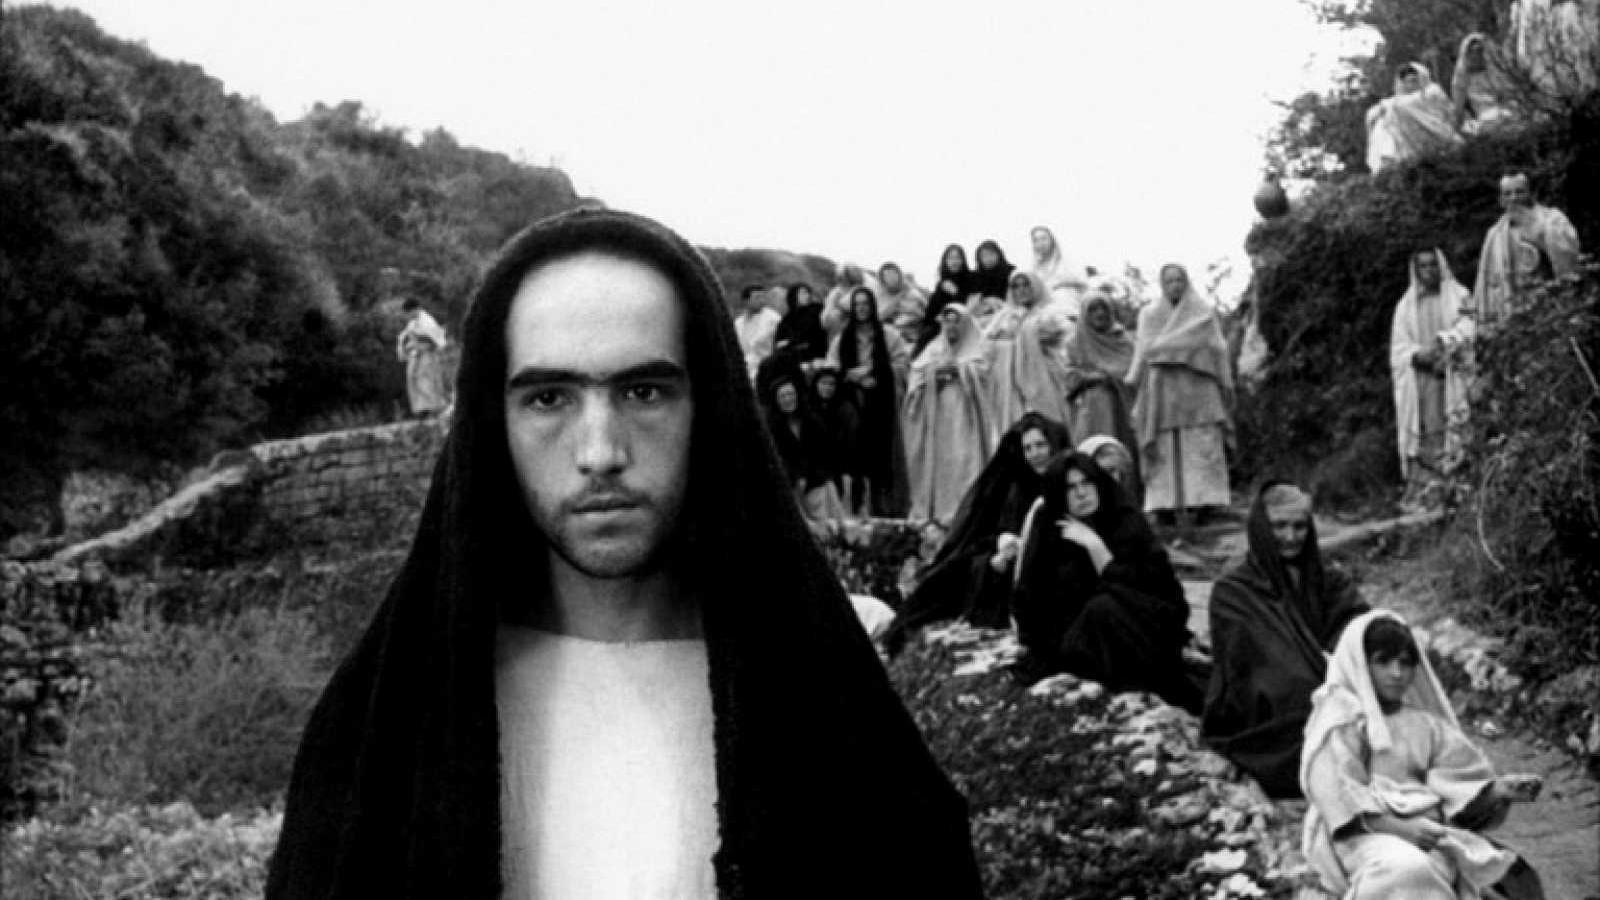 Enrique Irazoqui a 'L'evangeli segons Sant Mateu'